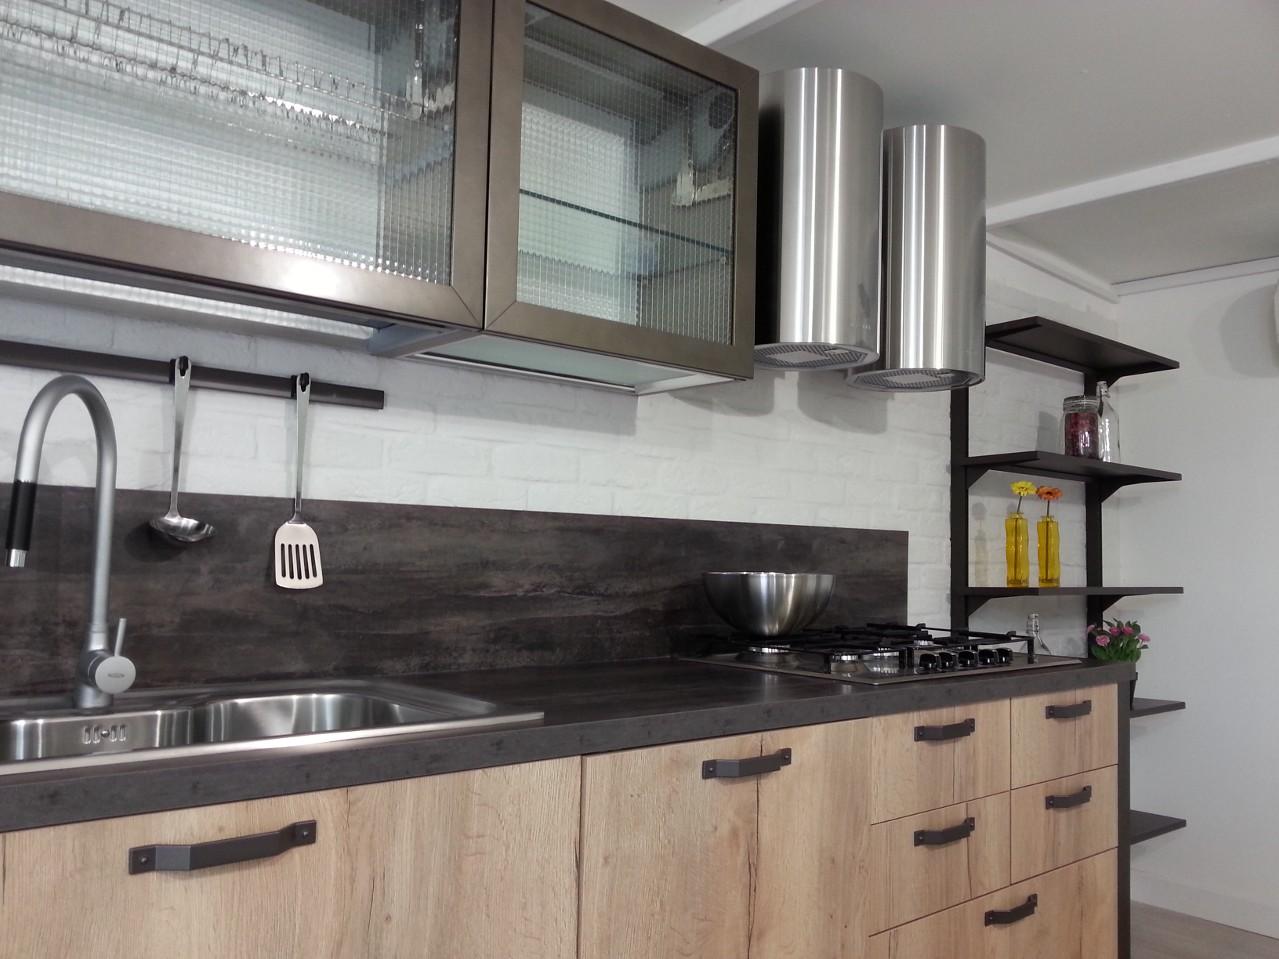 Cucina mattone b trep rm 1 rinnovare con la pietra - Rivestimento cucina effetto pietra ...